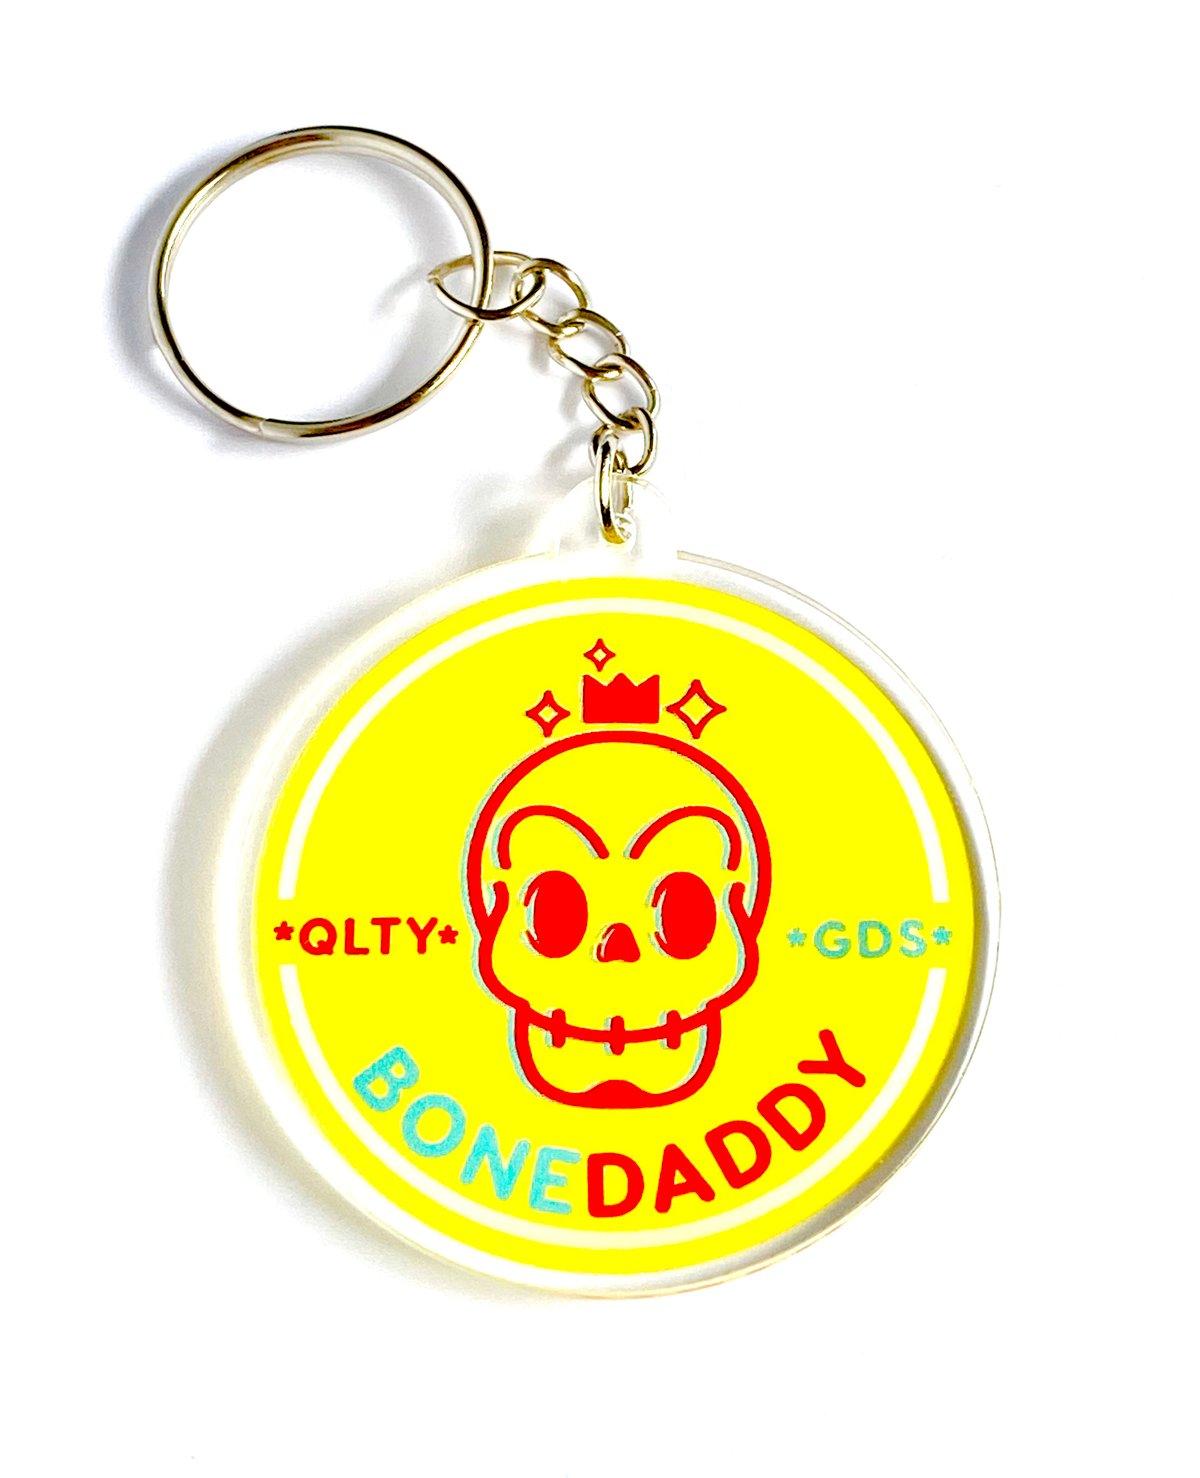 Image of Bonedaddy acrylic keychain